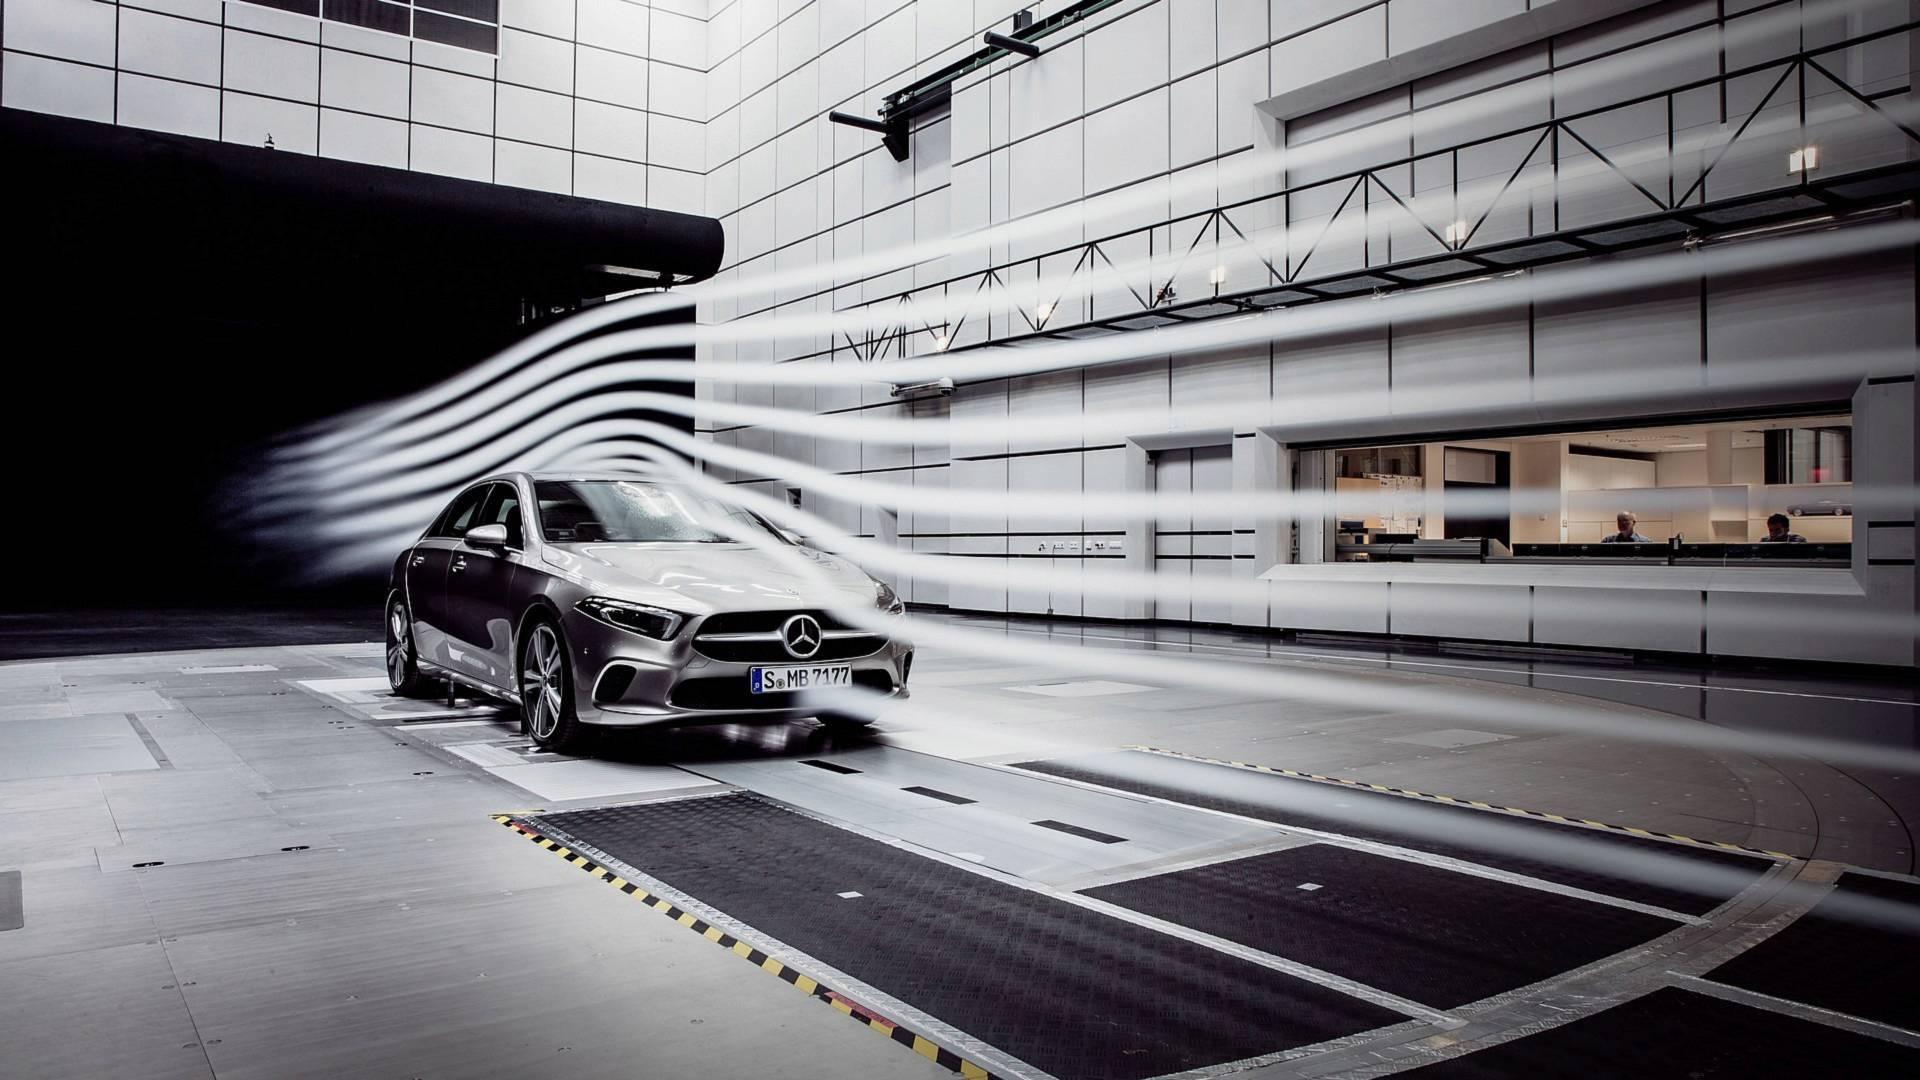 Schemi Elettrici Mercedes : Mercedes benz classe a sport sedan presentazione nuovi